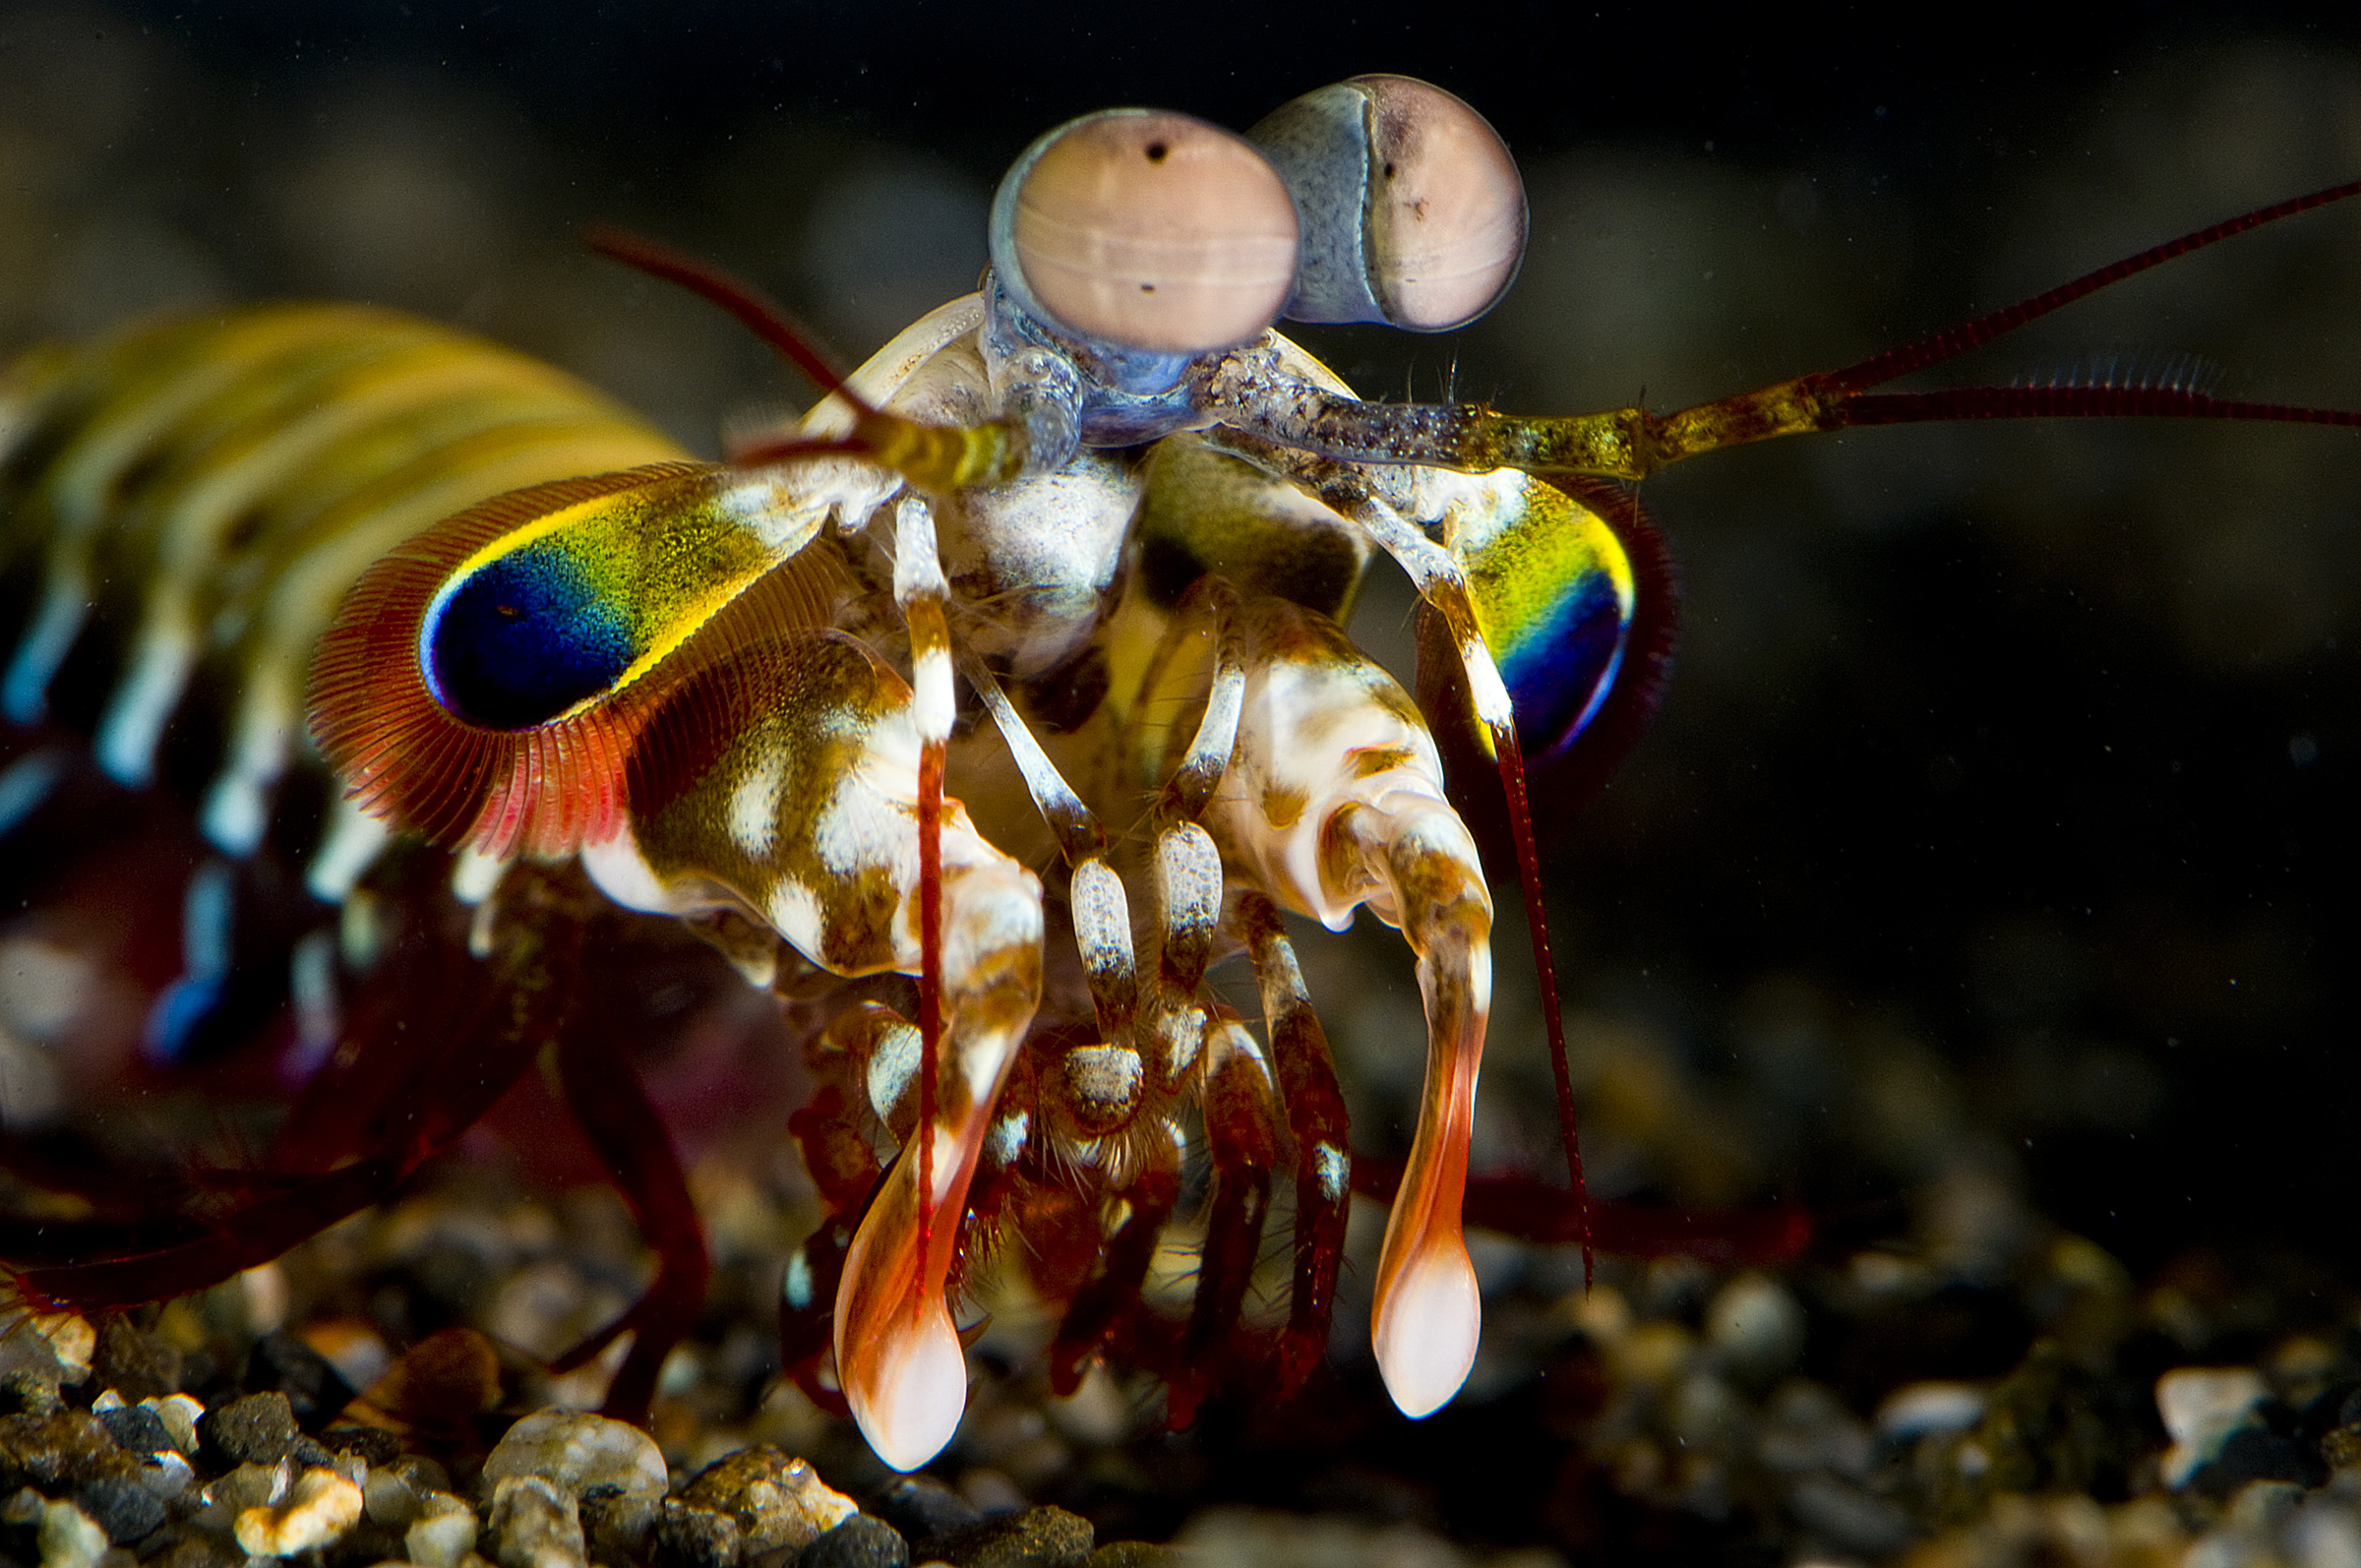 Così i crostacei vedono i colori